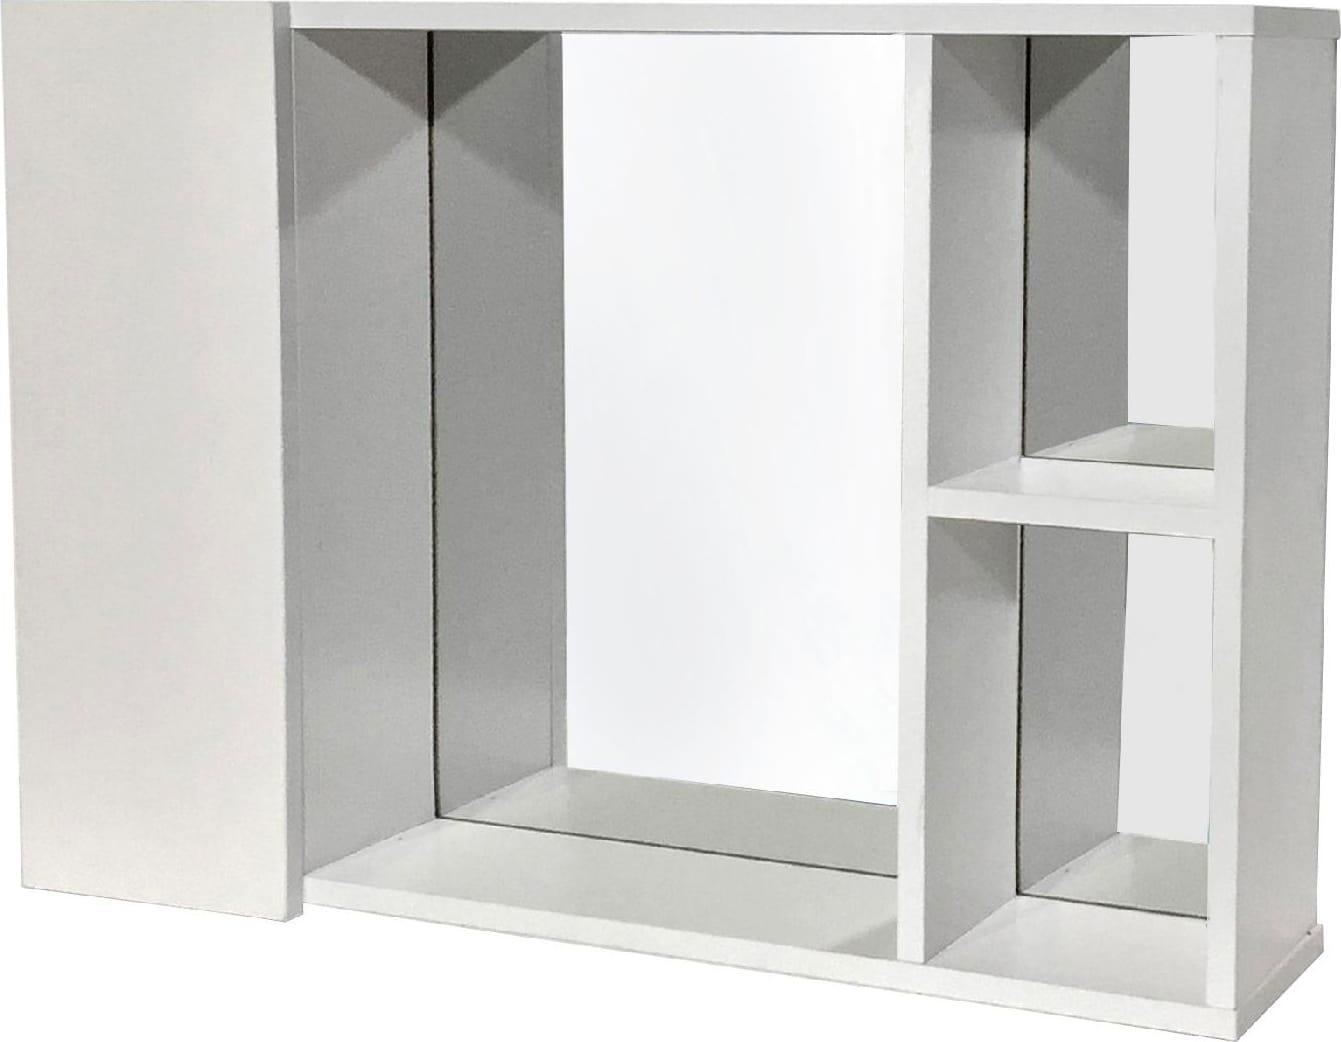 Specchio Bagno Con Ante.Nbrand Mobile Specchio Bagno 1 Anta 60x13x41h Cm Colore Bianco Gin1